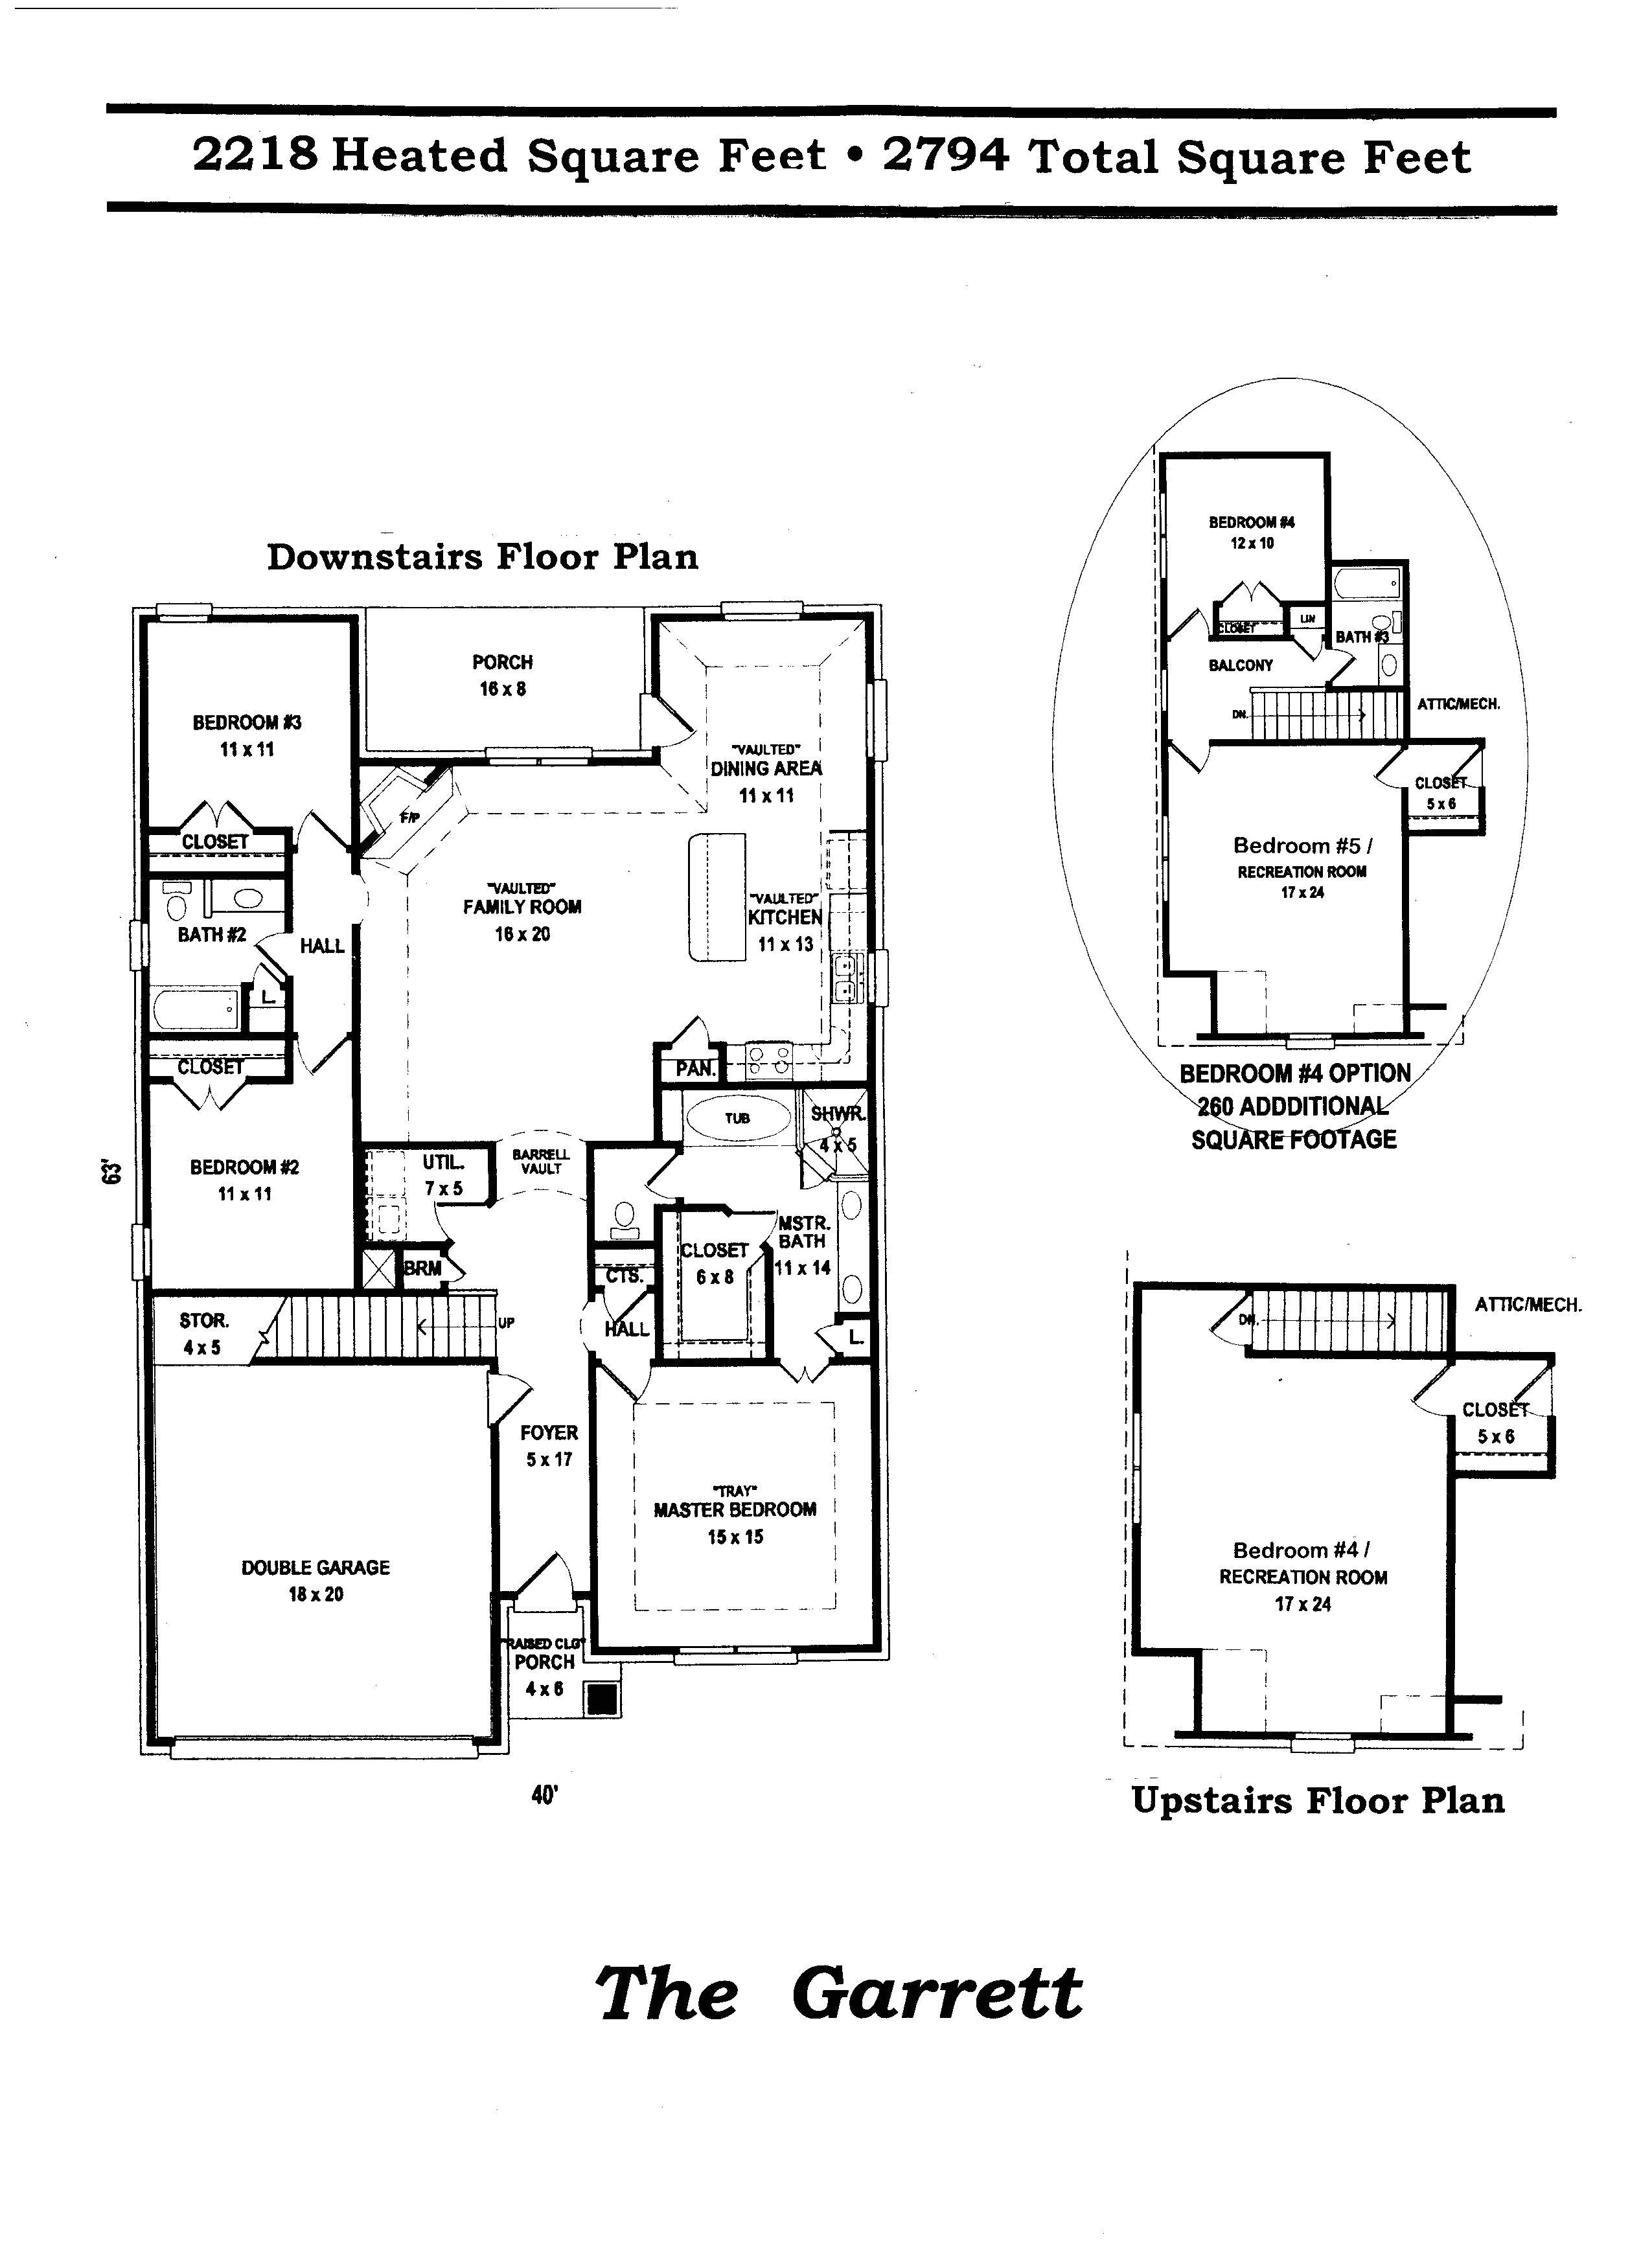 garrett floor plan 2